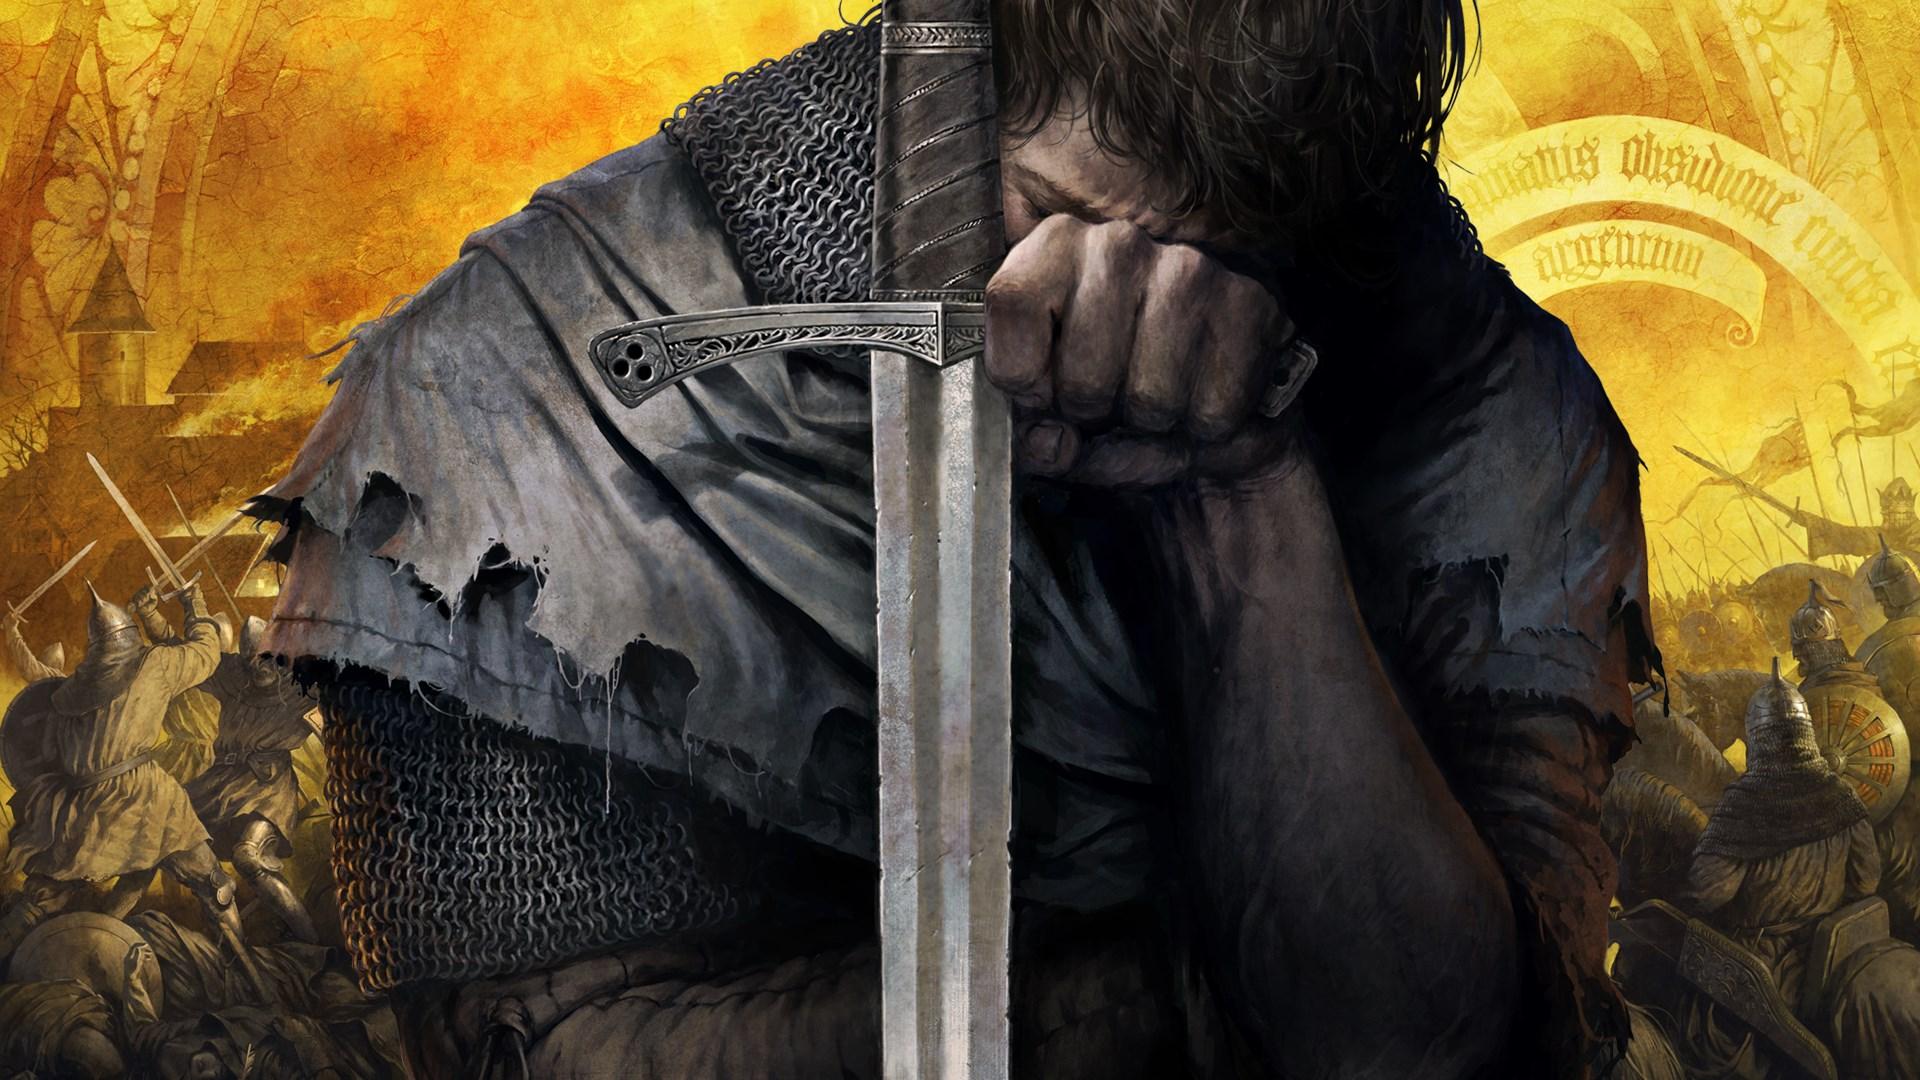 Download Kingdom Come Deliverance Wallpaper 1920X1080 JPG